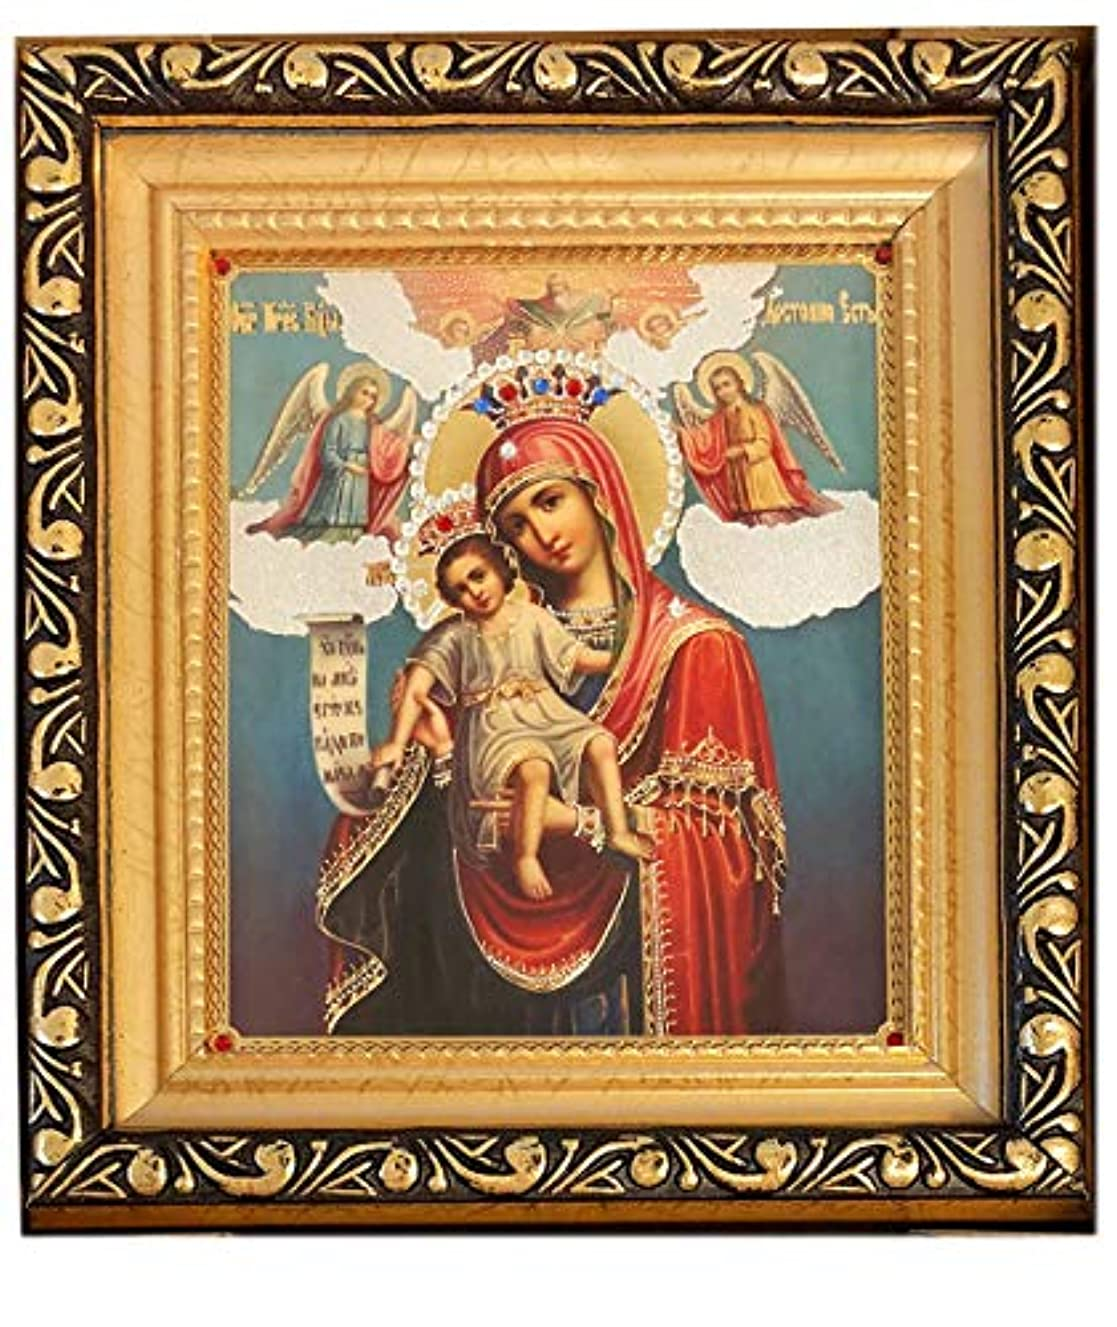 見える西司書アレクサンドラ?Int ' l GreekセラミックアイコンCandle Holder with Saints Decorated with 24 Kゴールド5インチ、レッド